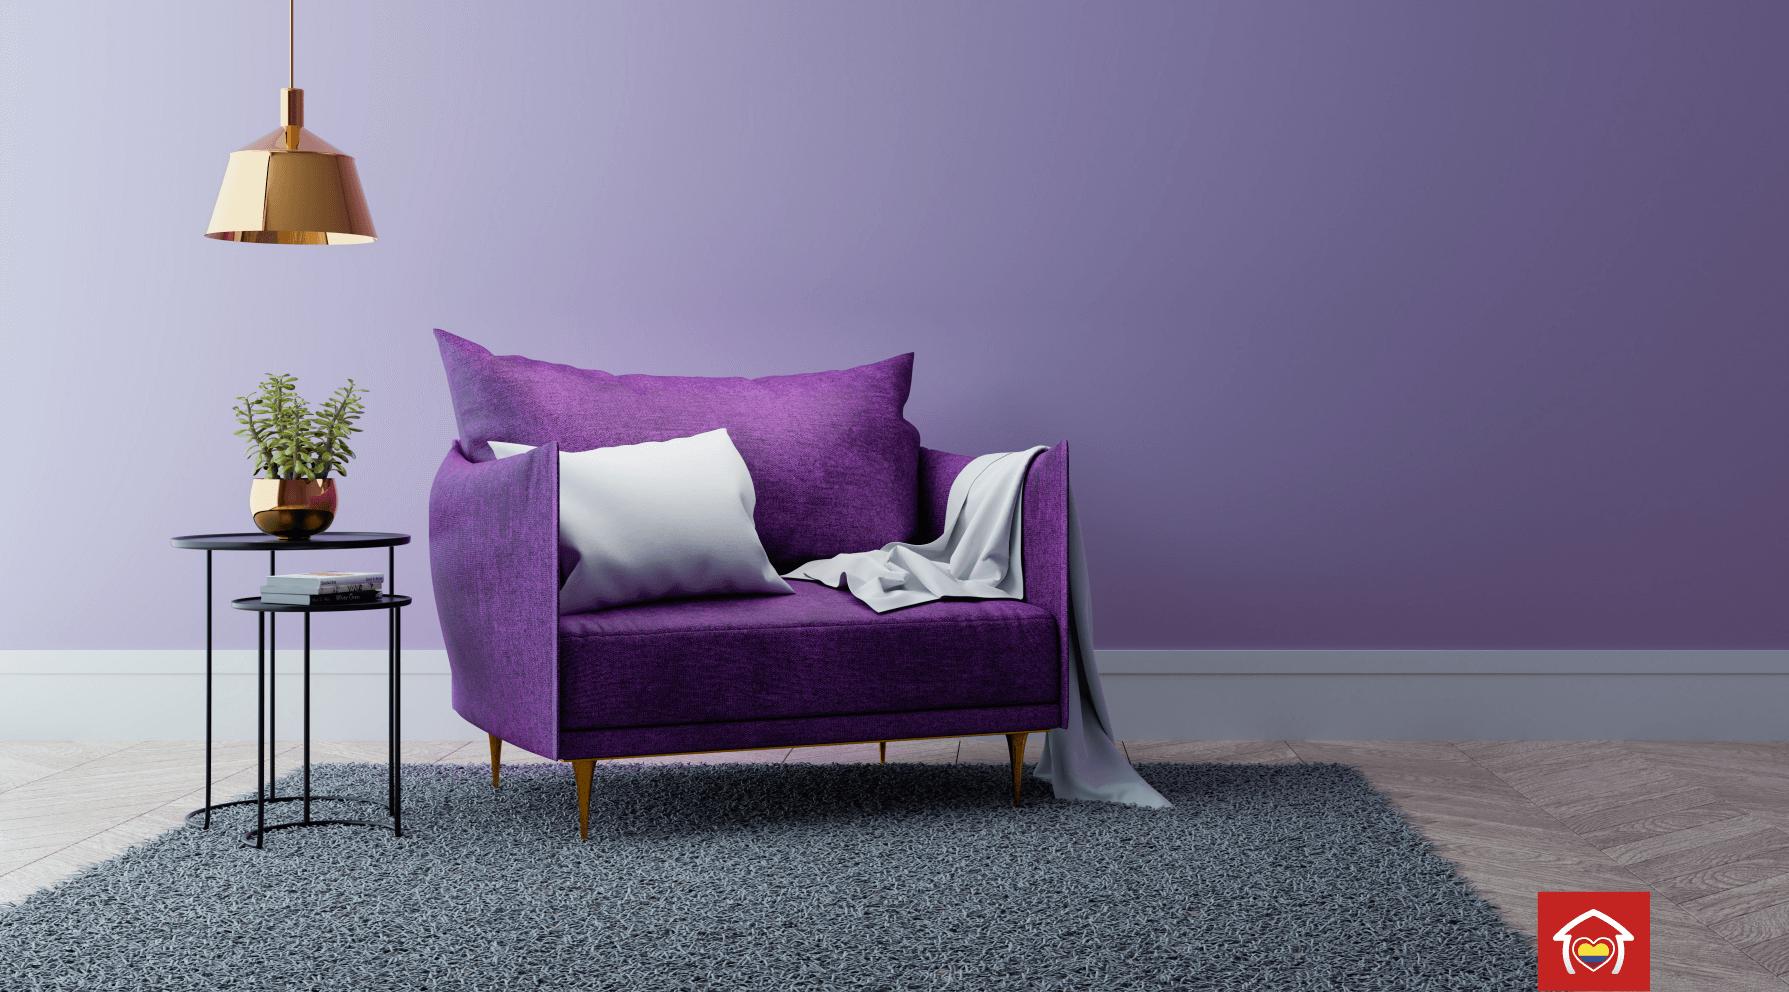 El Color Para Tu Apartamento Nuevo En El 2018 Seg N Pantone  # Muebles Sahara Barranquilla